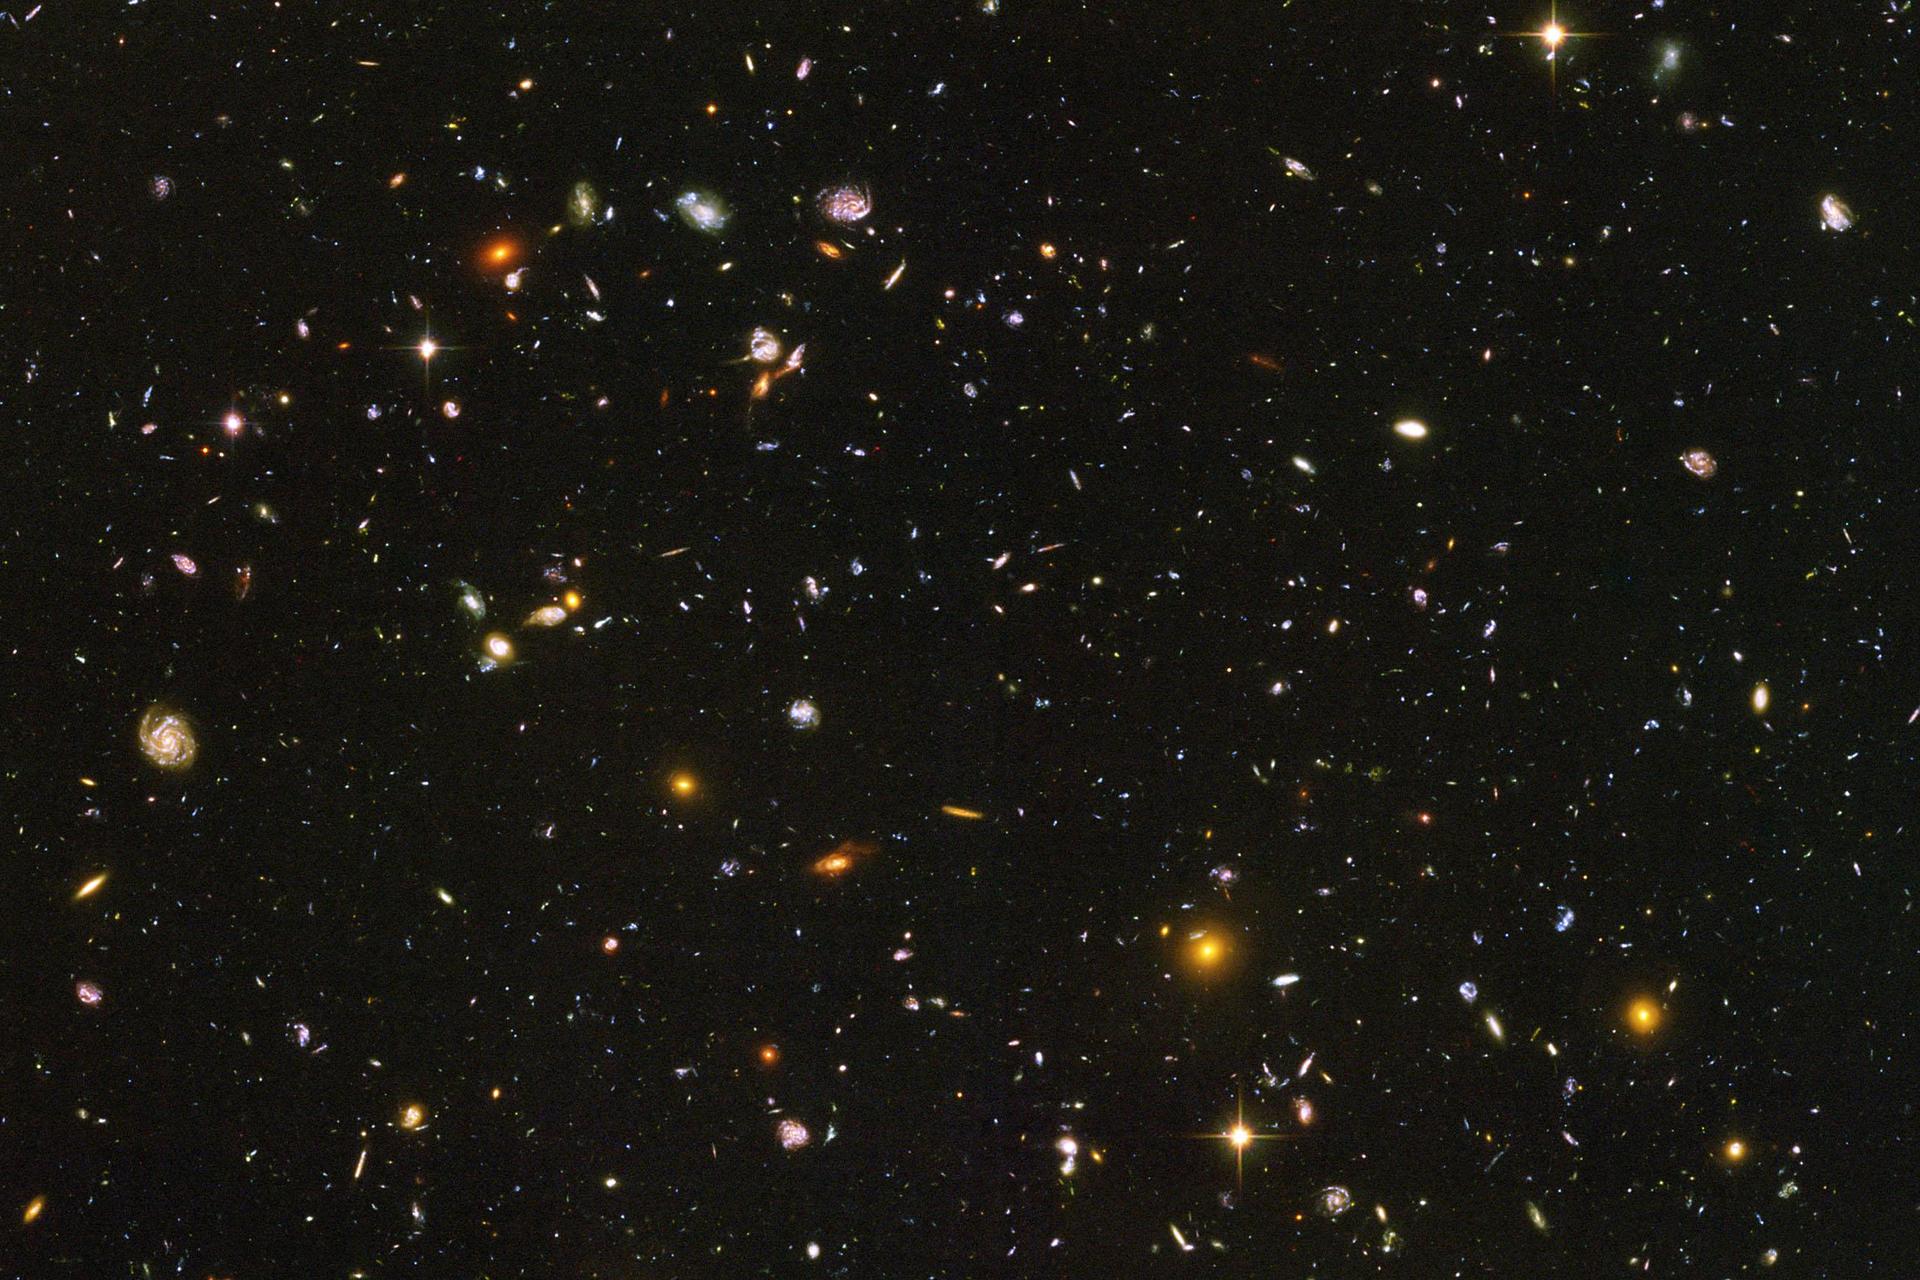 Fotografia wykonana zteleskopu umieszczonego wkosmosie. Na tle czarnego nieba widoczne liczne mniejsze lub większe punkty obrazujące galaktyki.